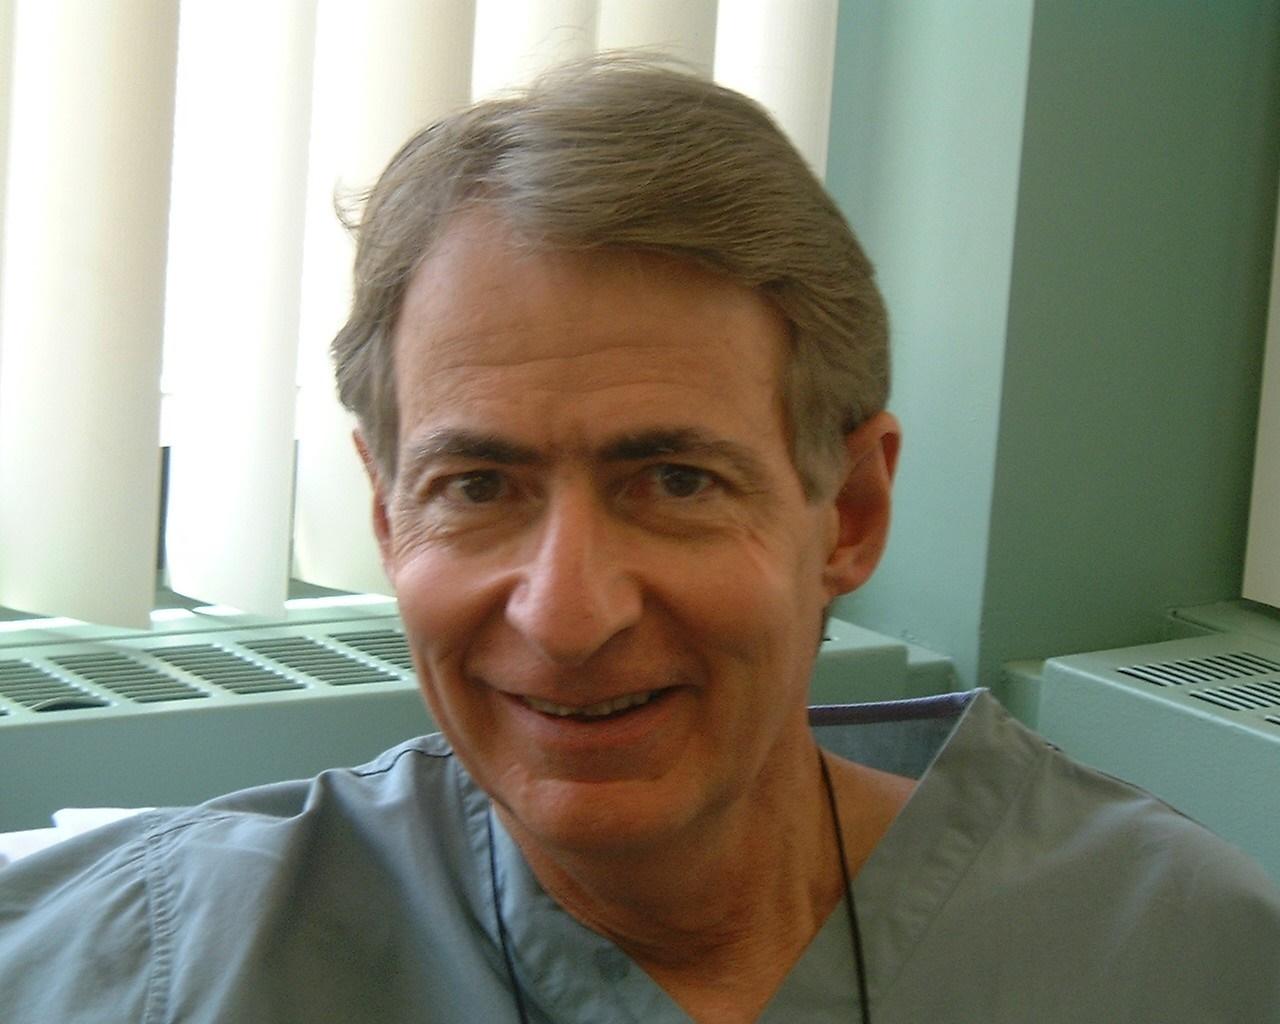 headshot of surgeon